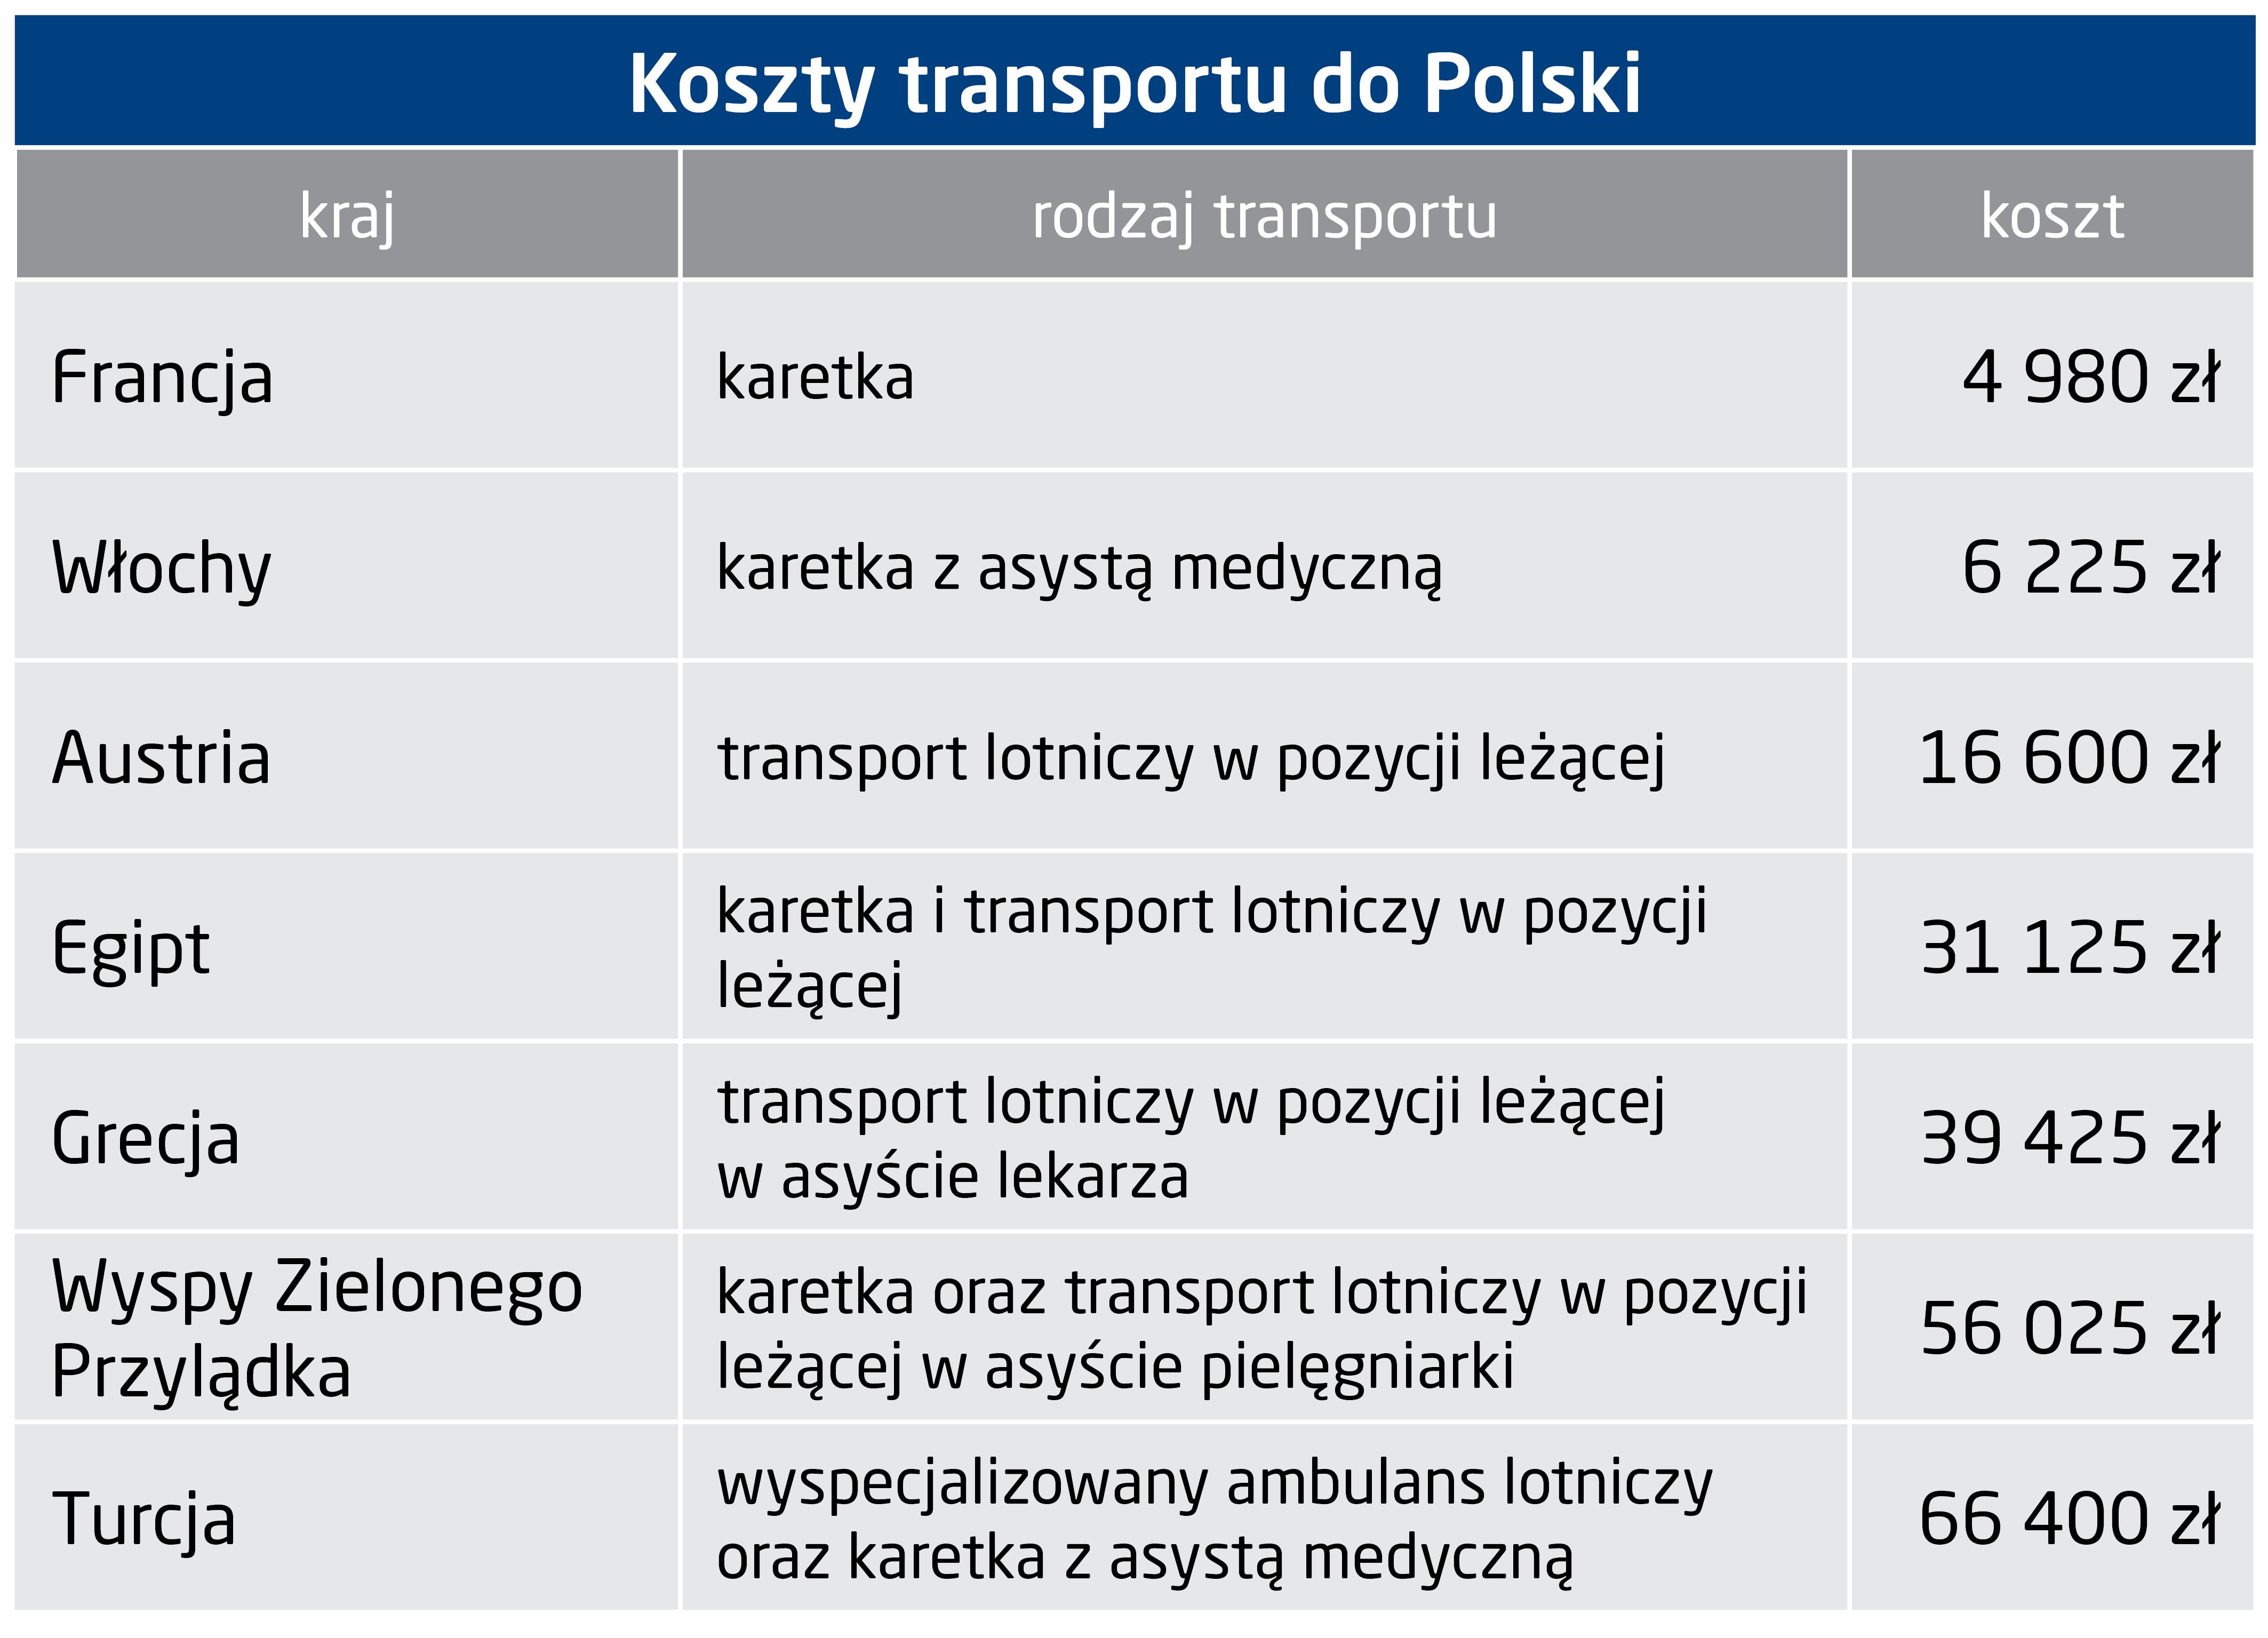 Koszty transportu do Polski